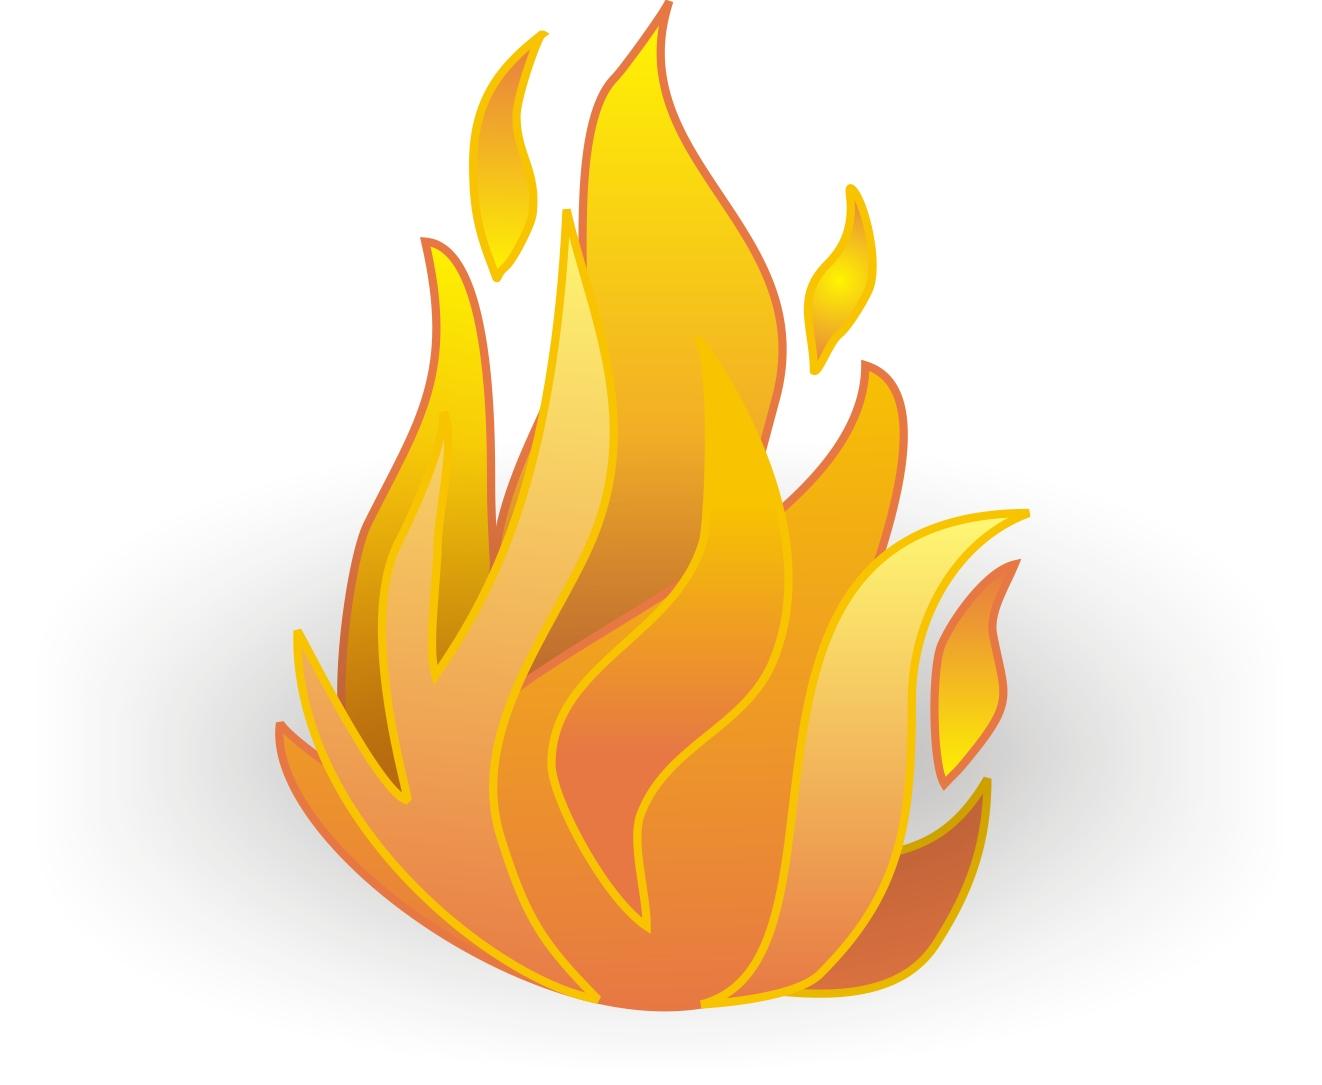 Flames clipart cartoon Cartoon Of Clip Fire Art